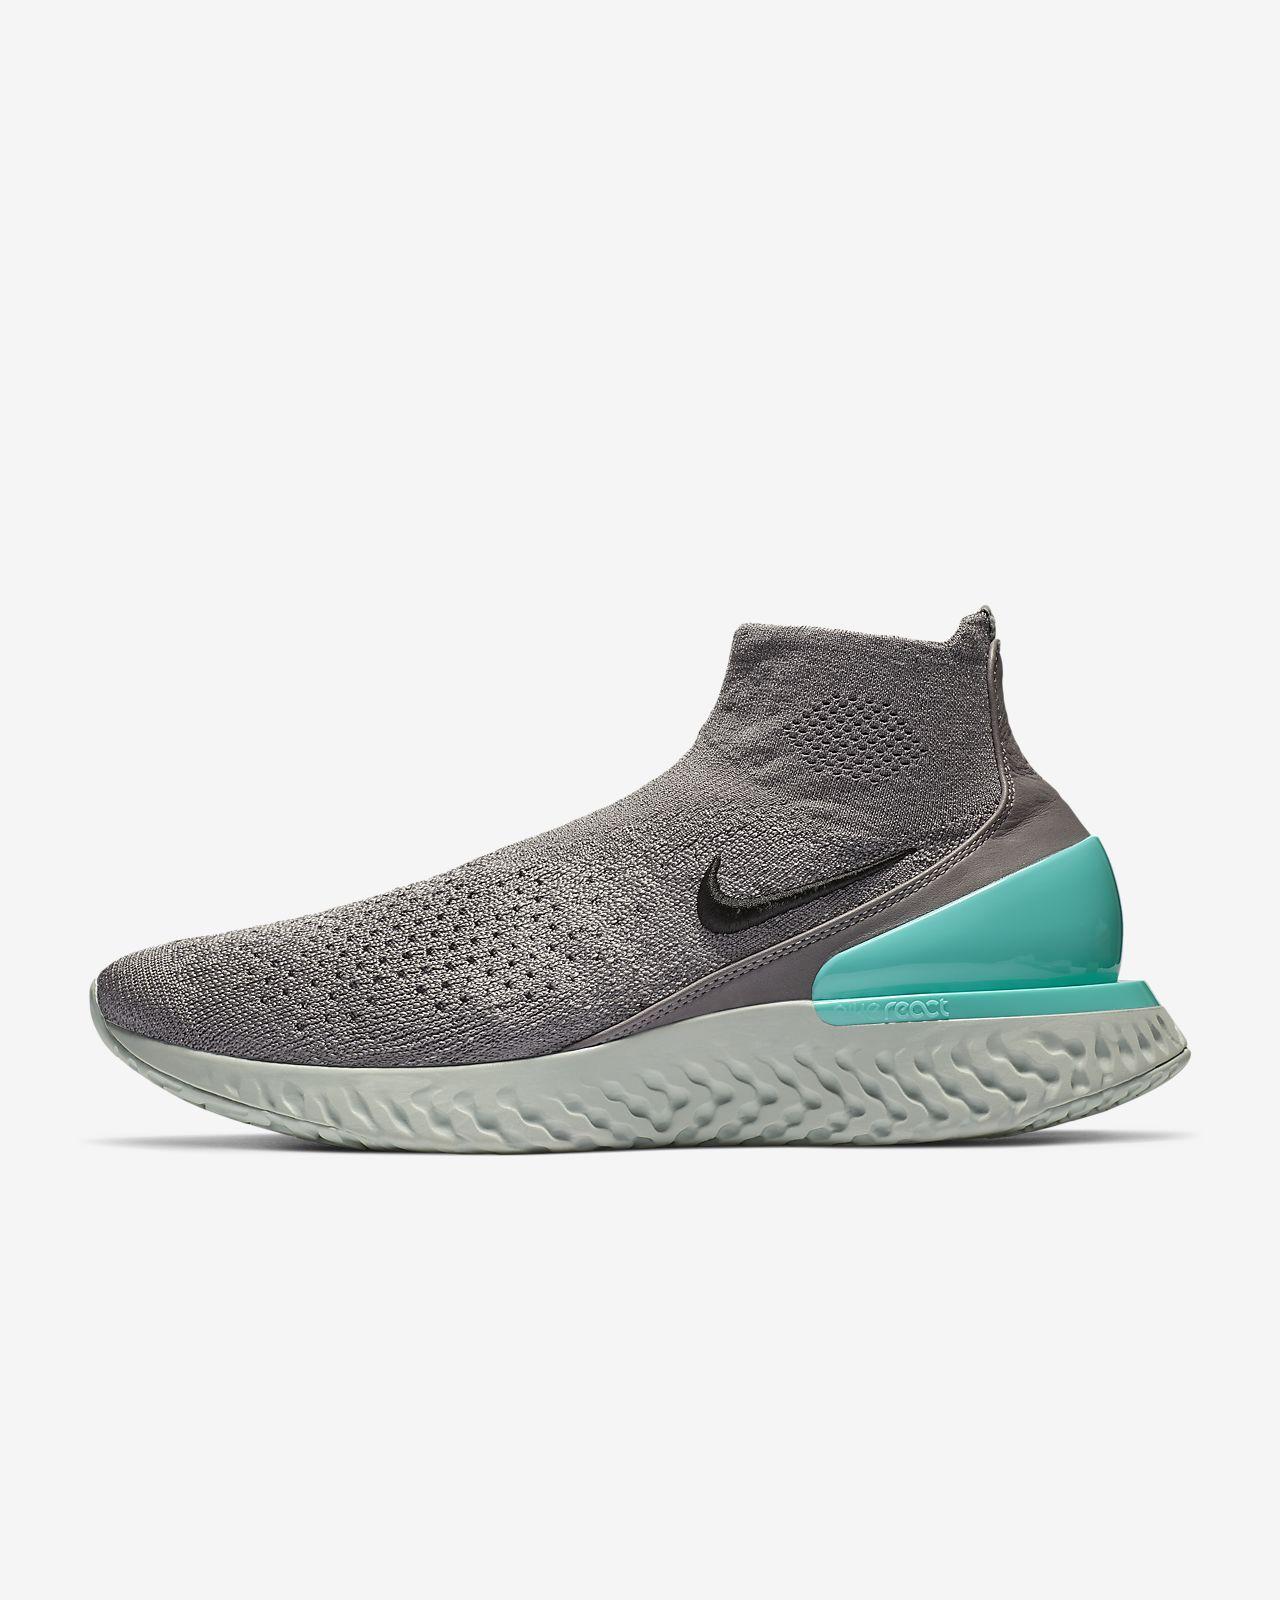 986bbb3c5d43 Nike Rise React Flyknit Running Shoe. Nike.com GB